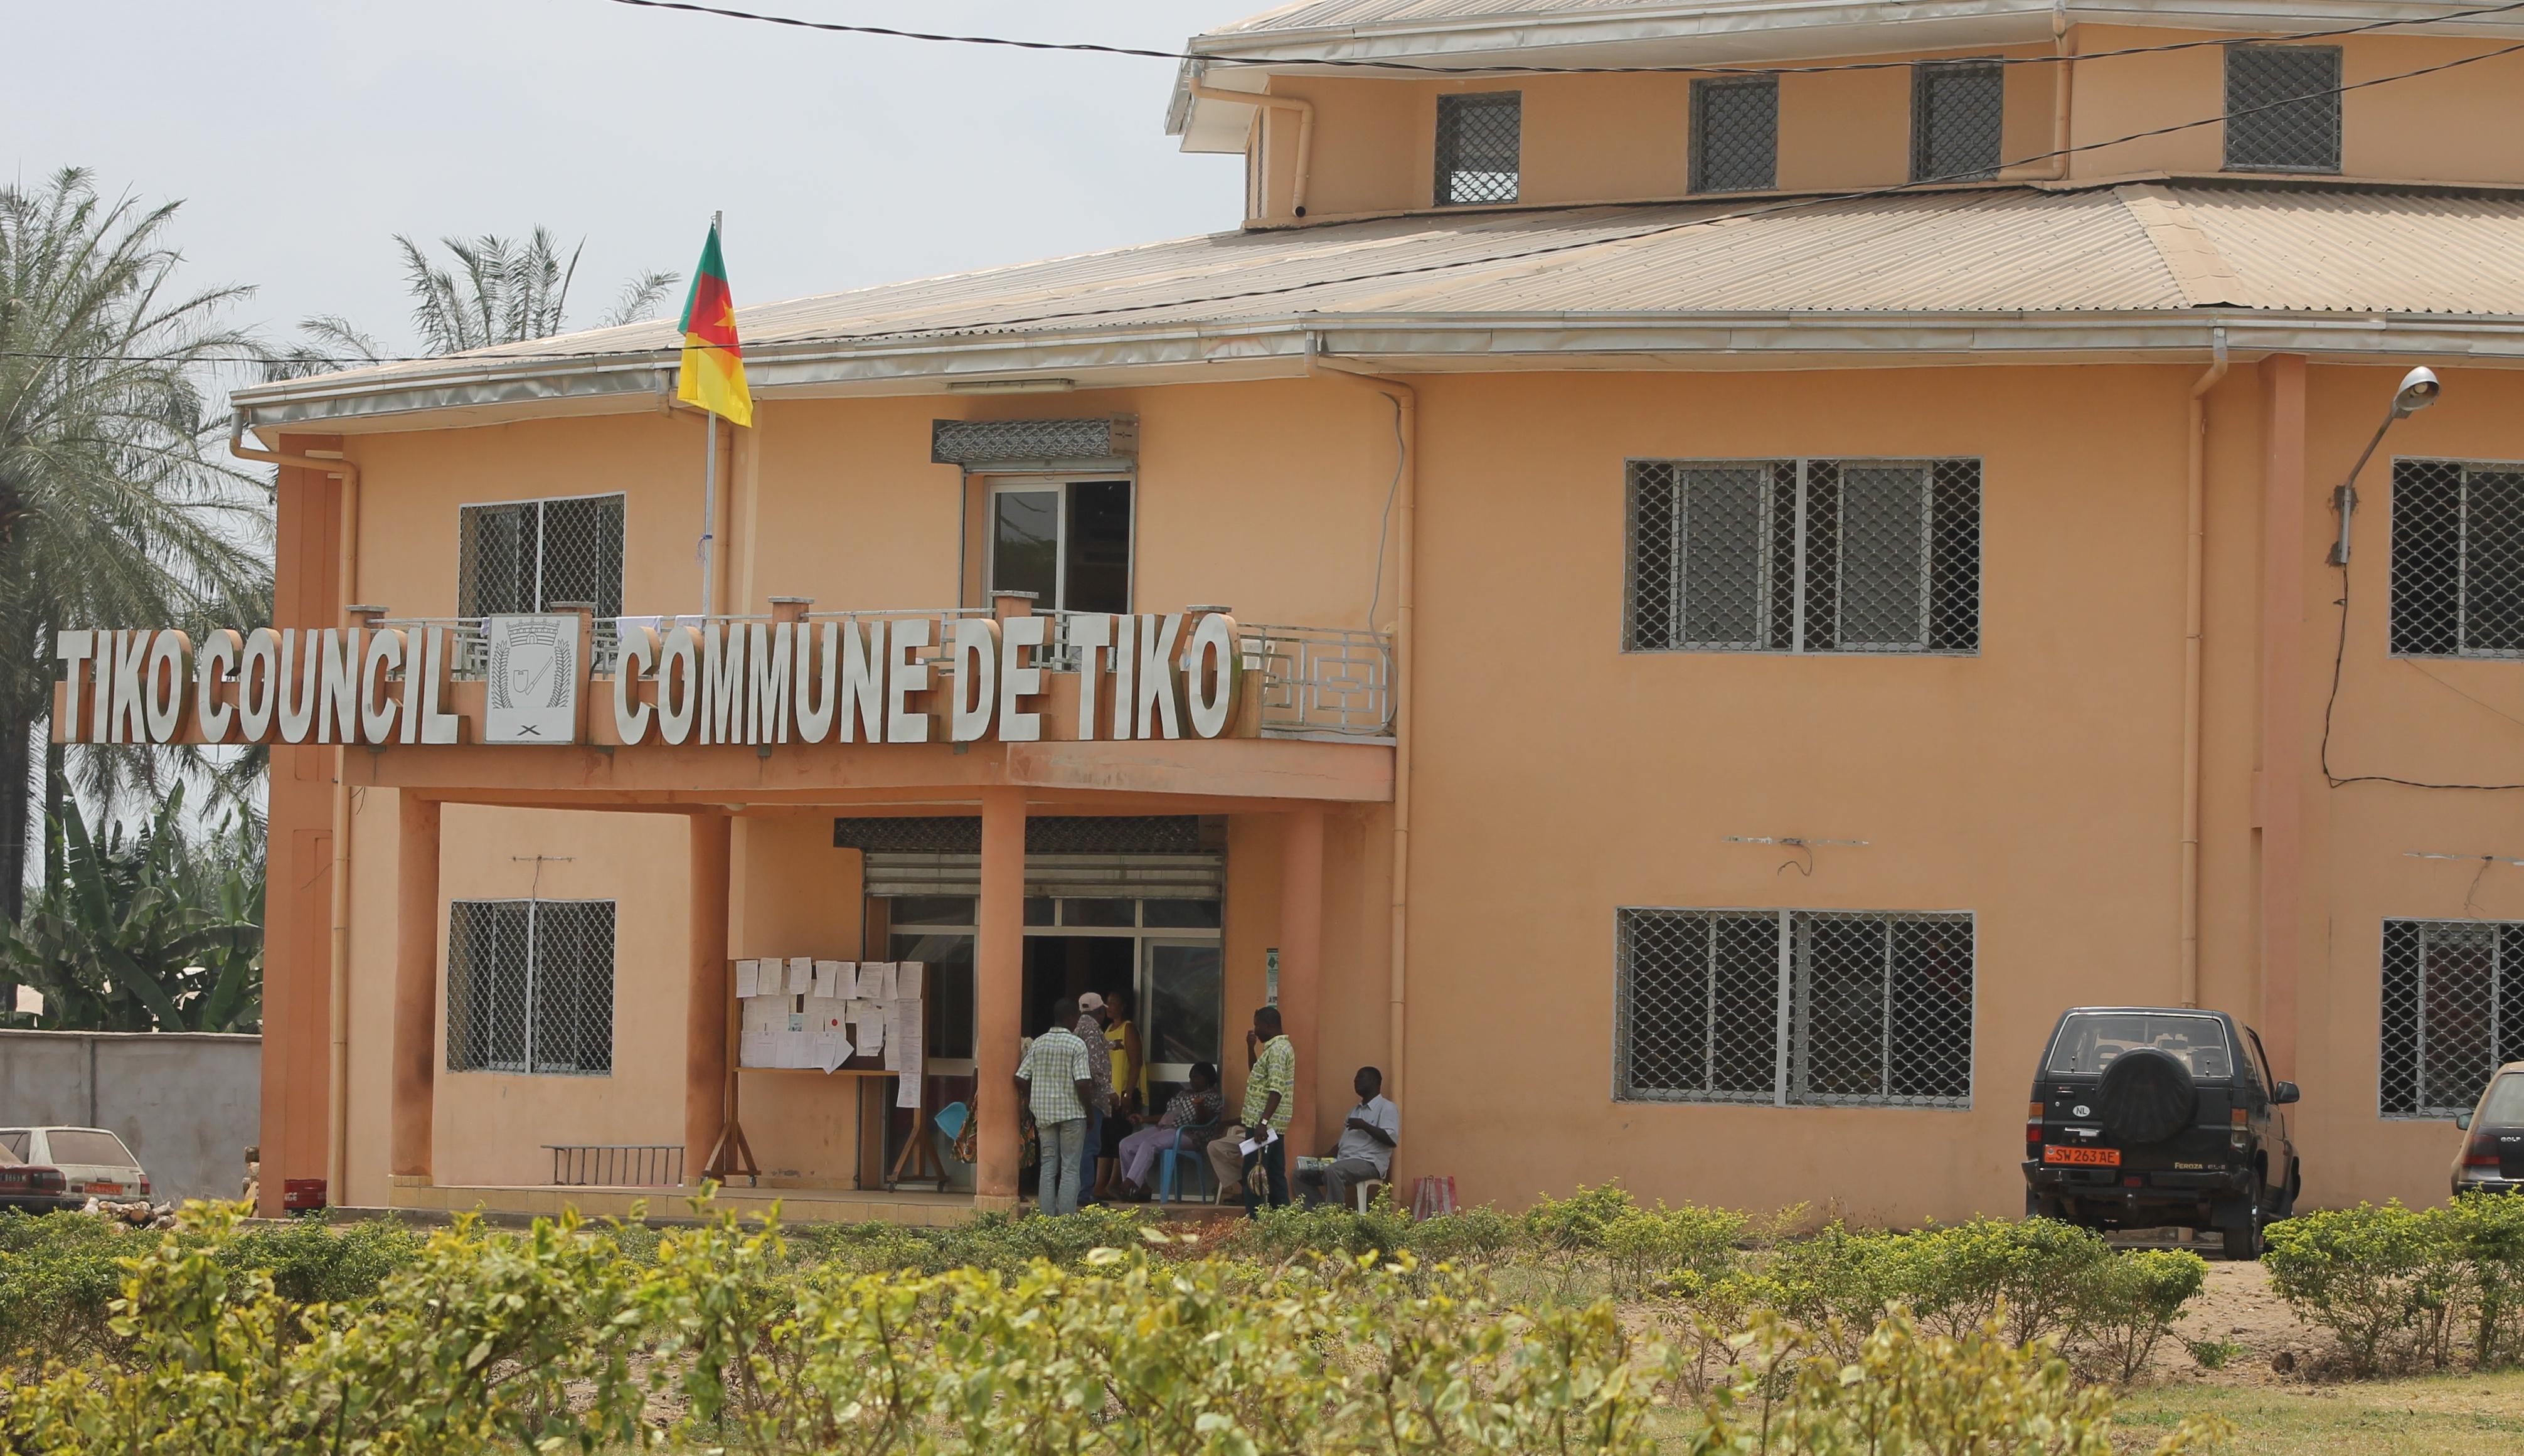 La mairie de Tiko dans le région du Sud-Ouest.